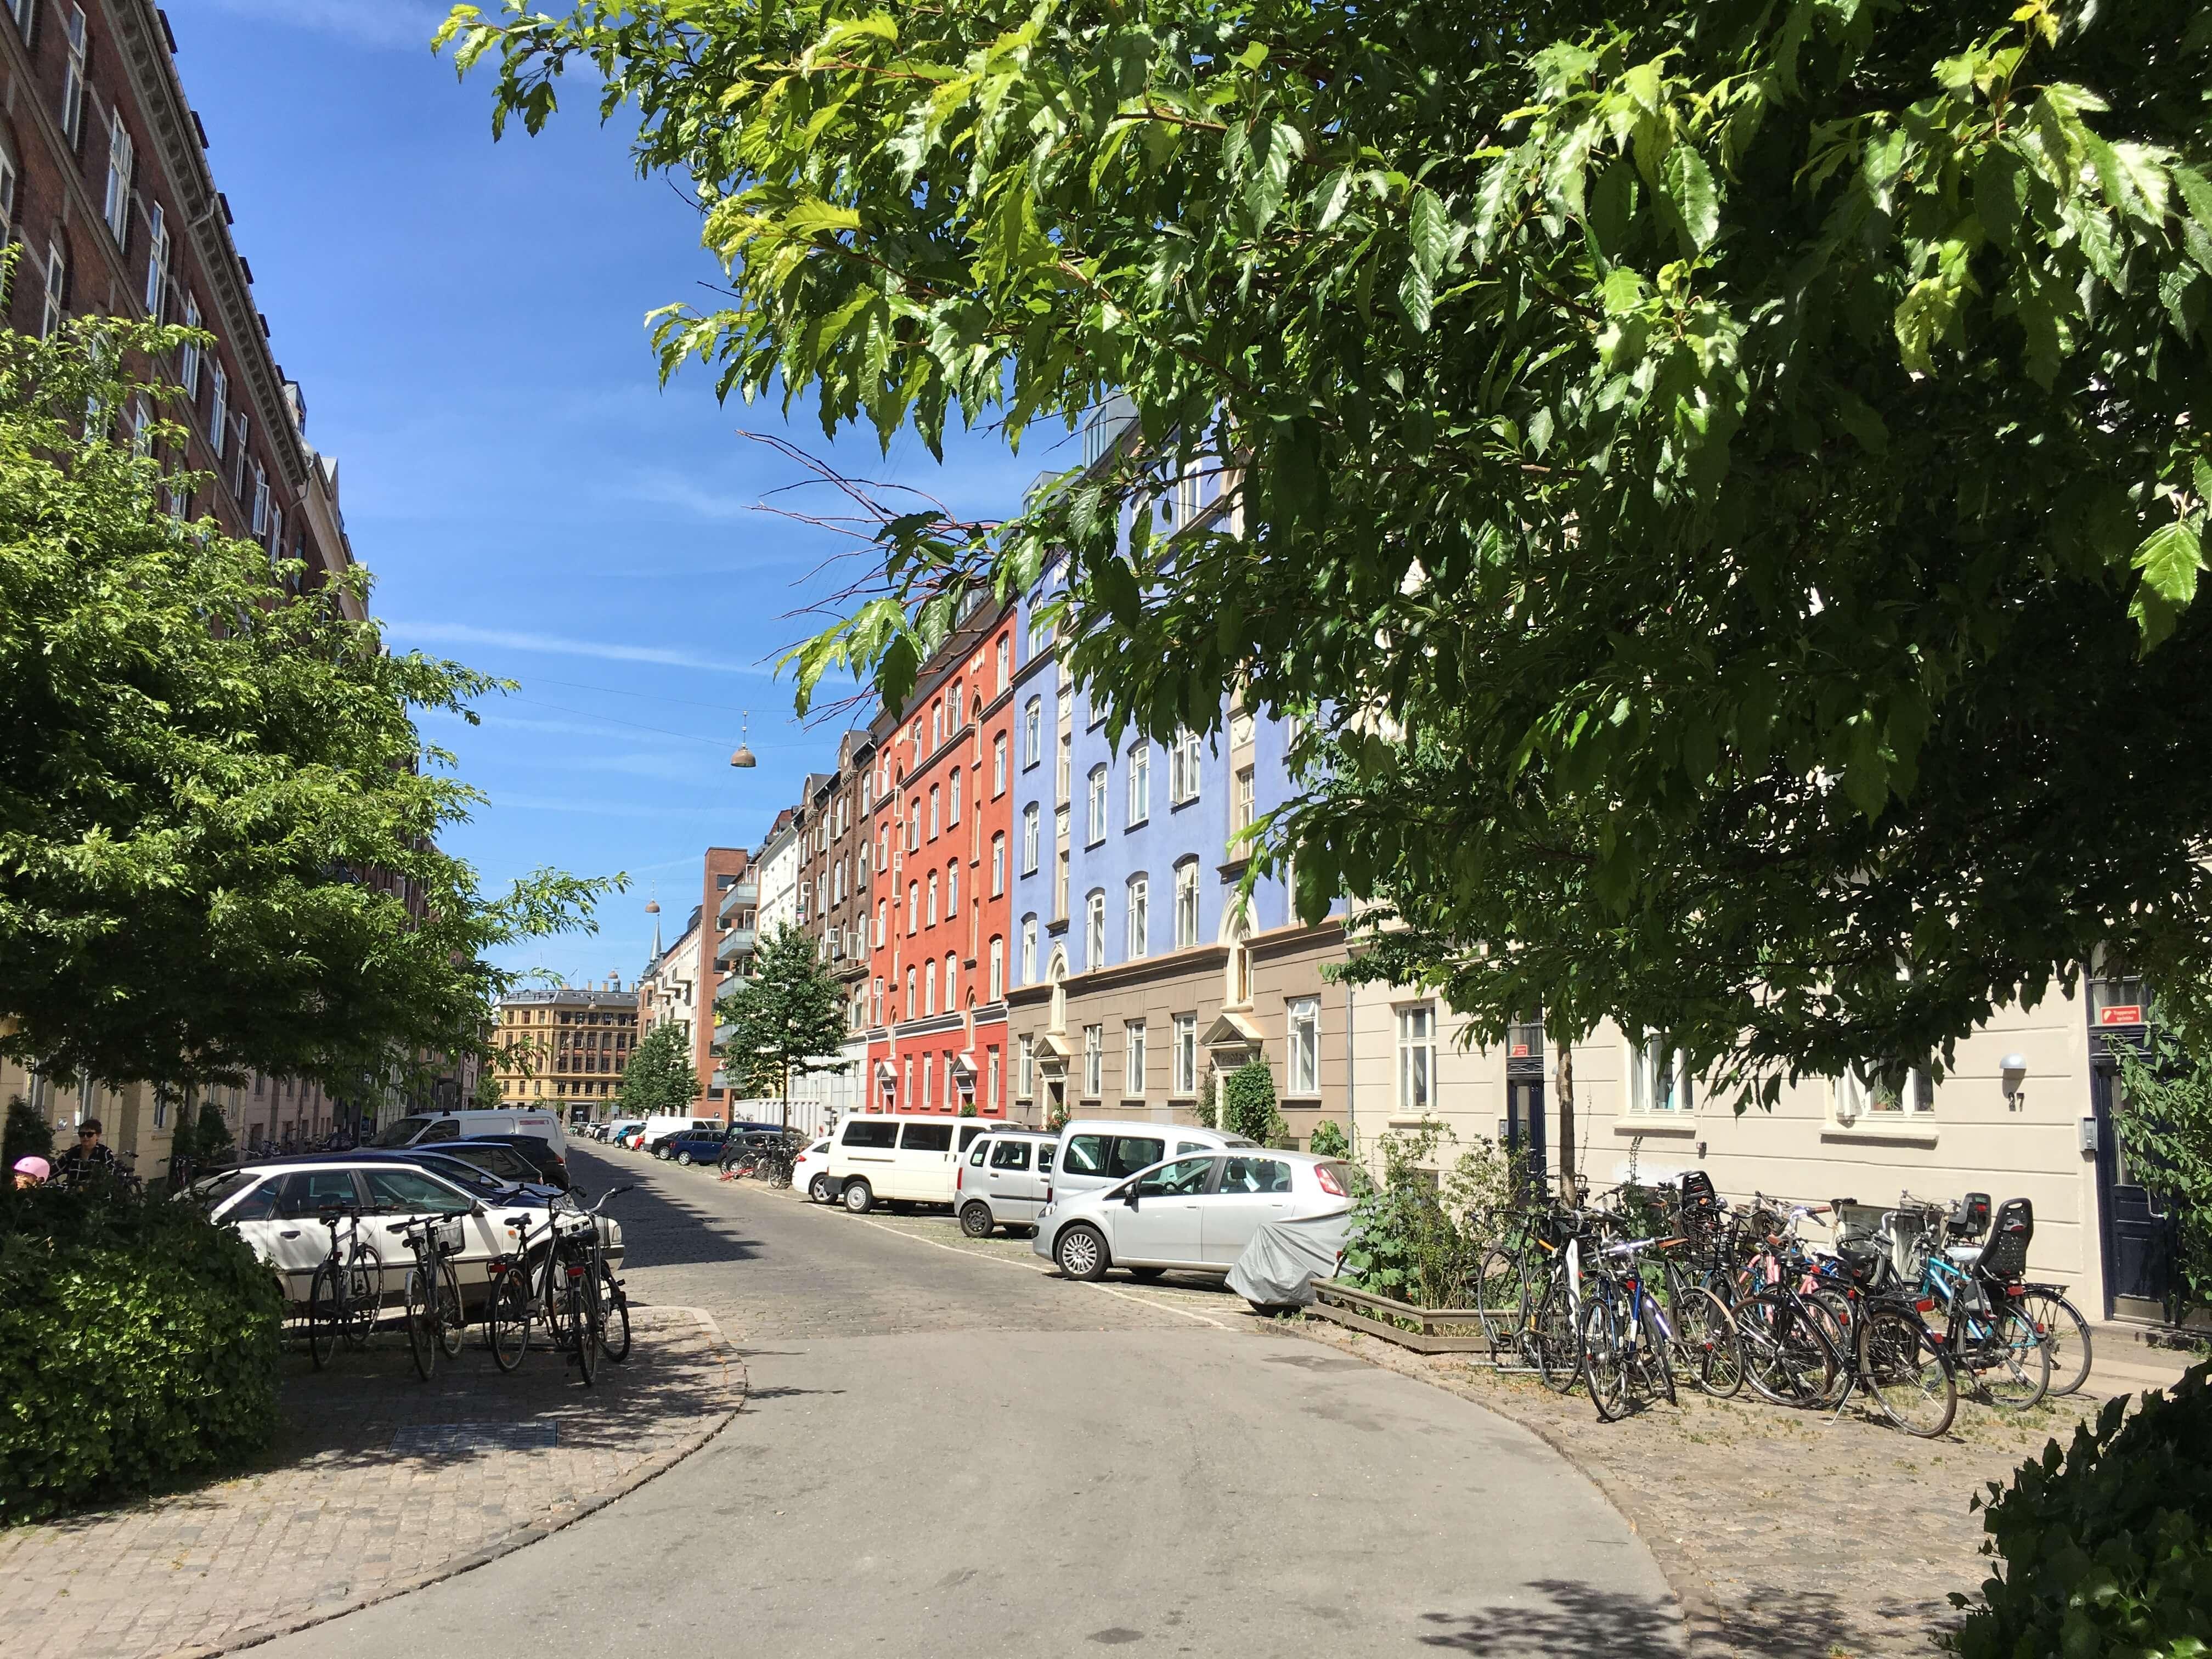 Afslagene vokser på lejligheder i København